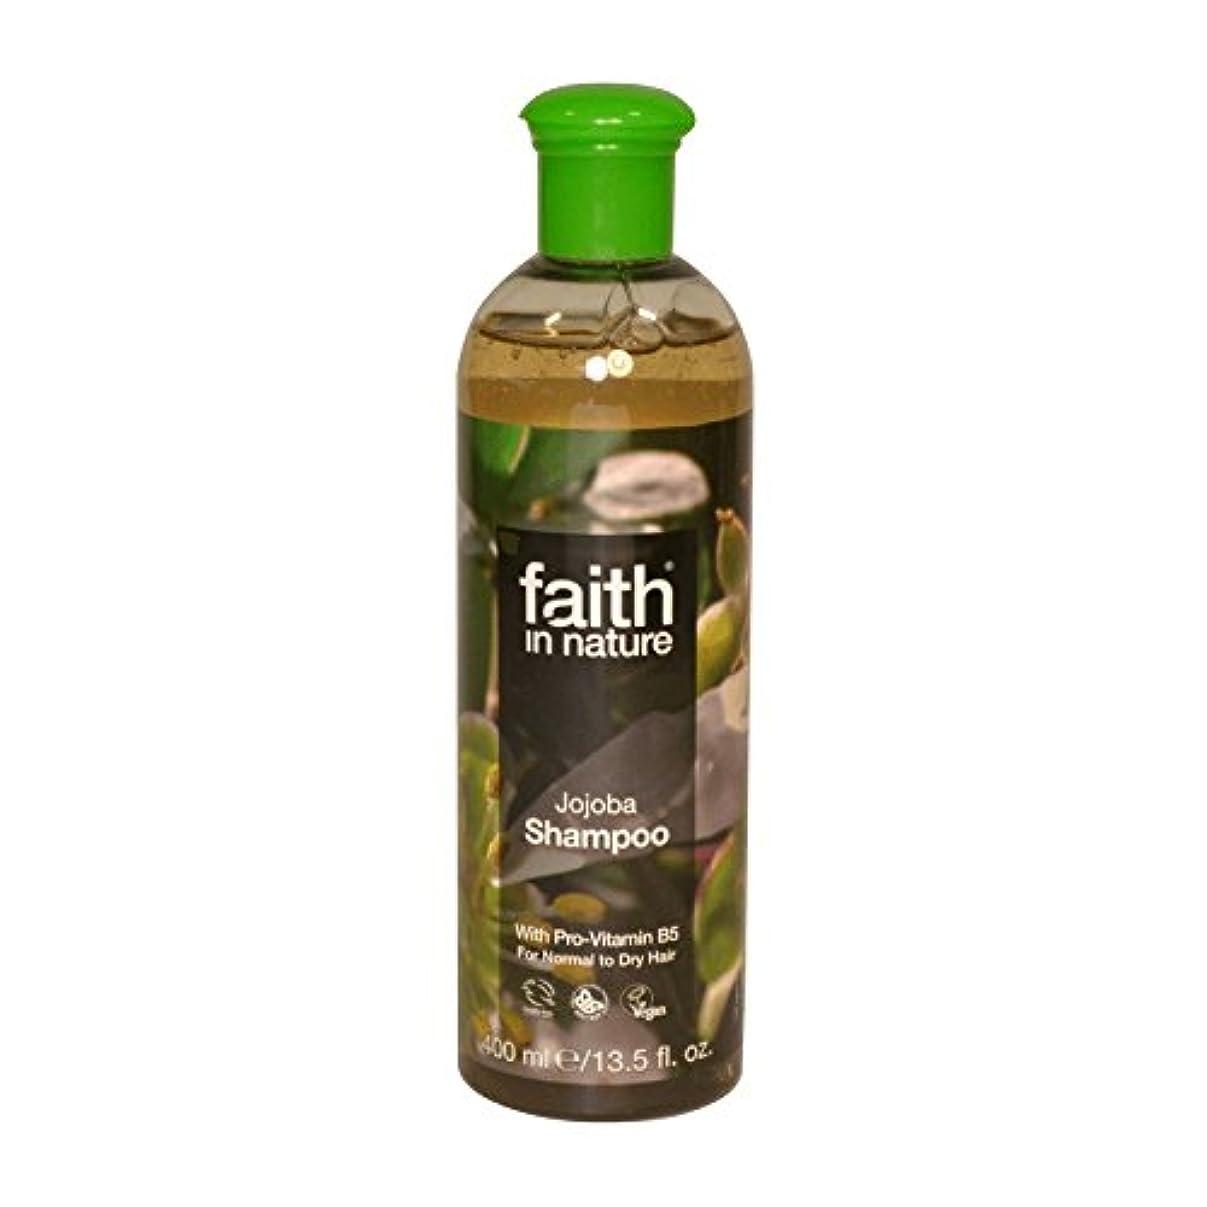 ラジウム最も遠いボランティア自然ホホバシャンプー400ミリリットルの信仰 - Faith in Nature Jojoba Shampoo 400ml (Faith in Nature) [並行輸入品]